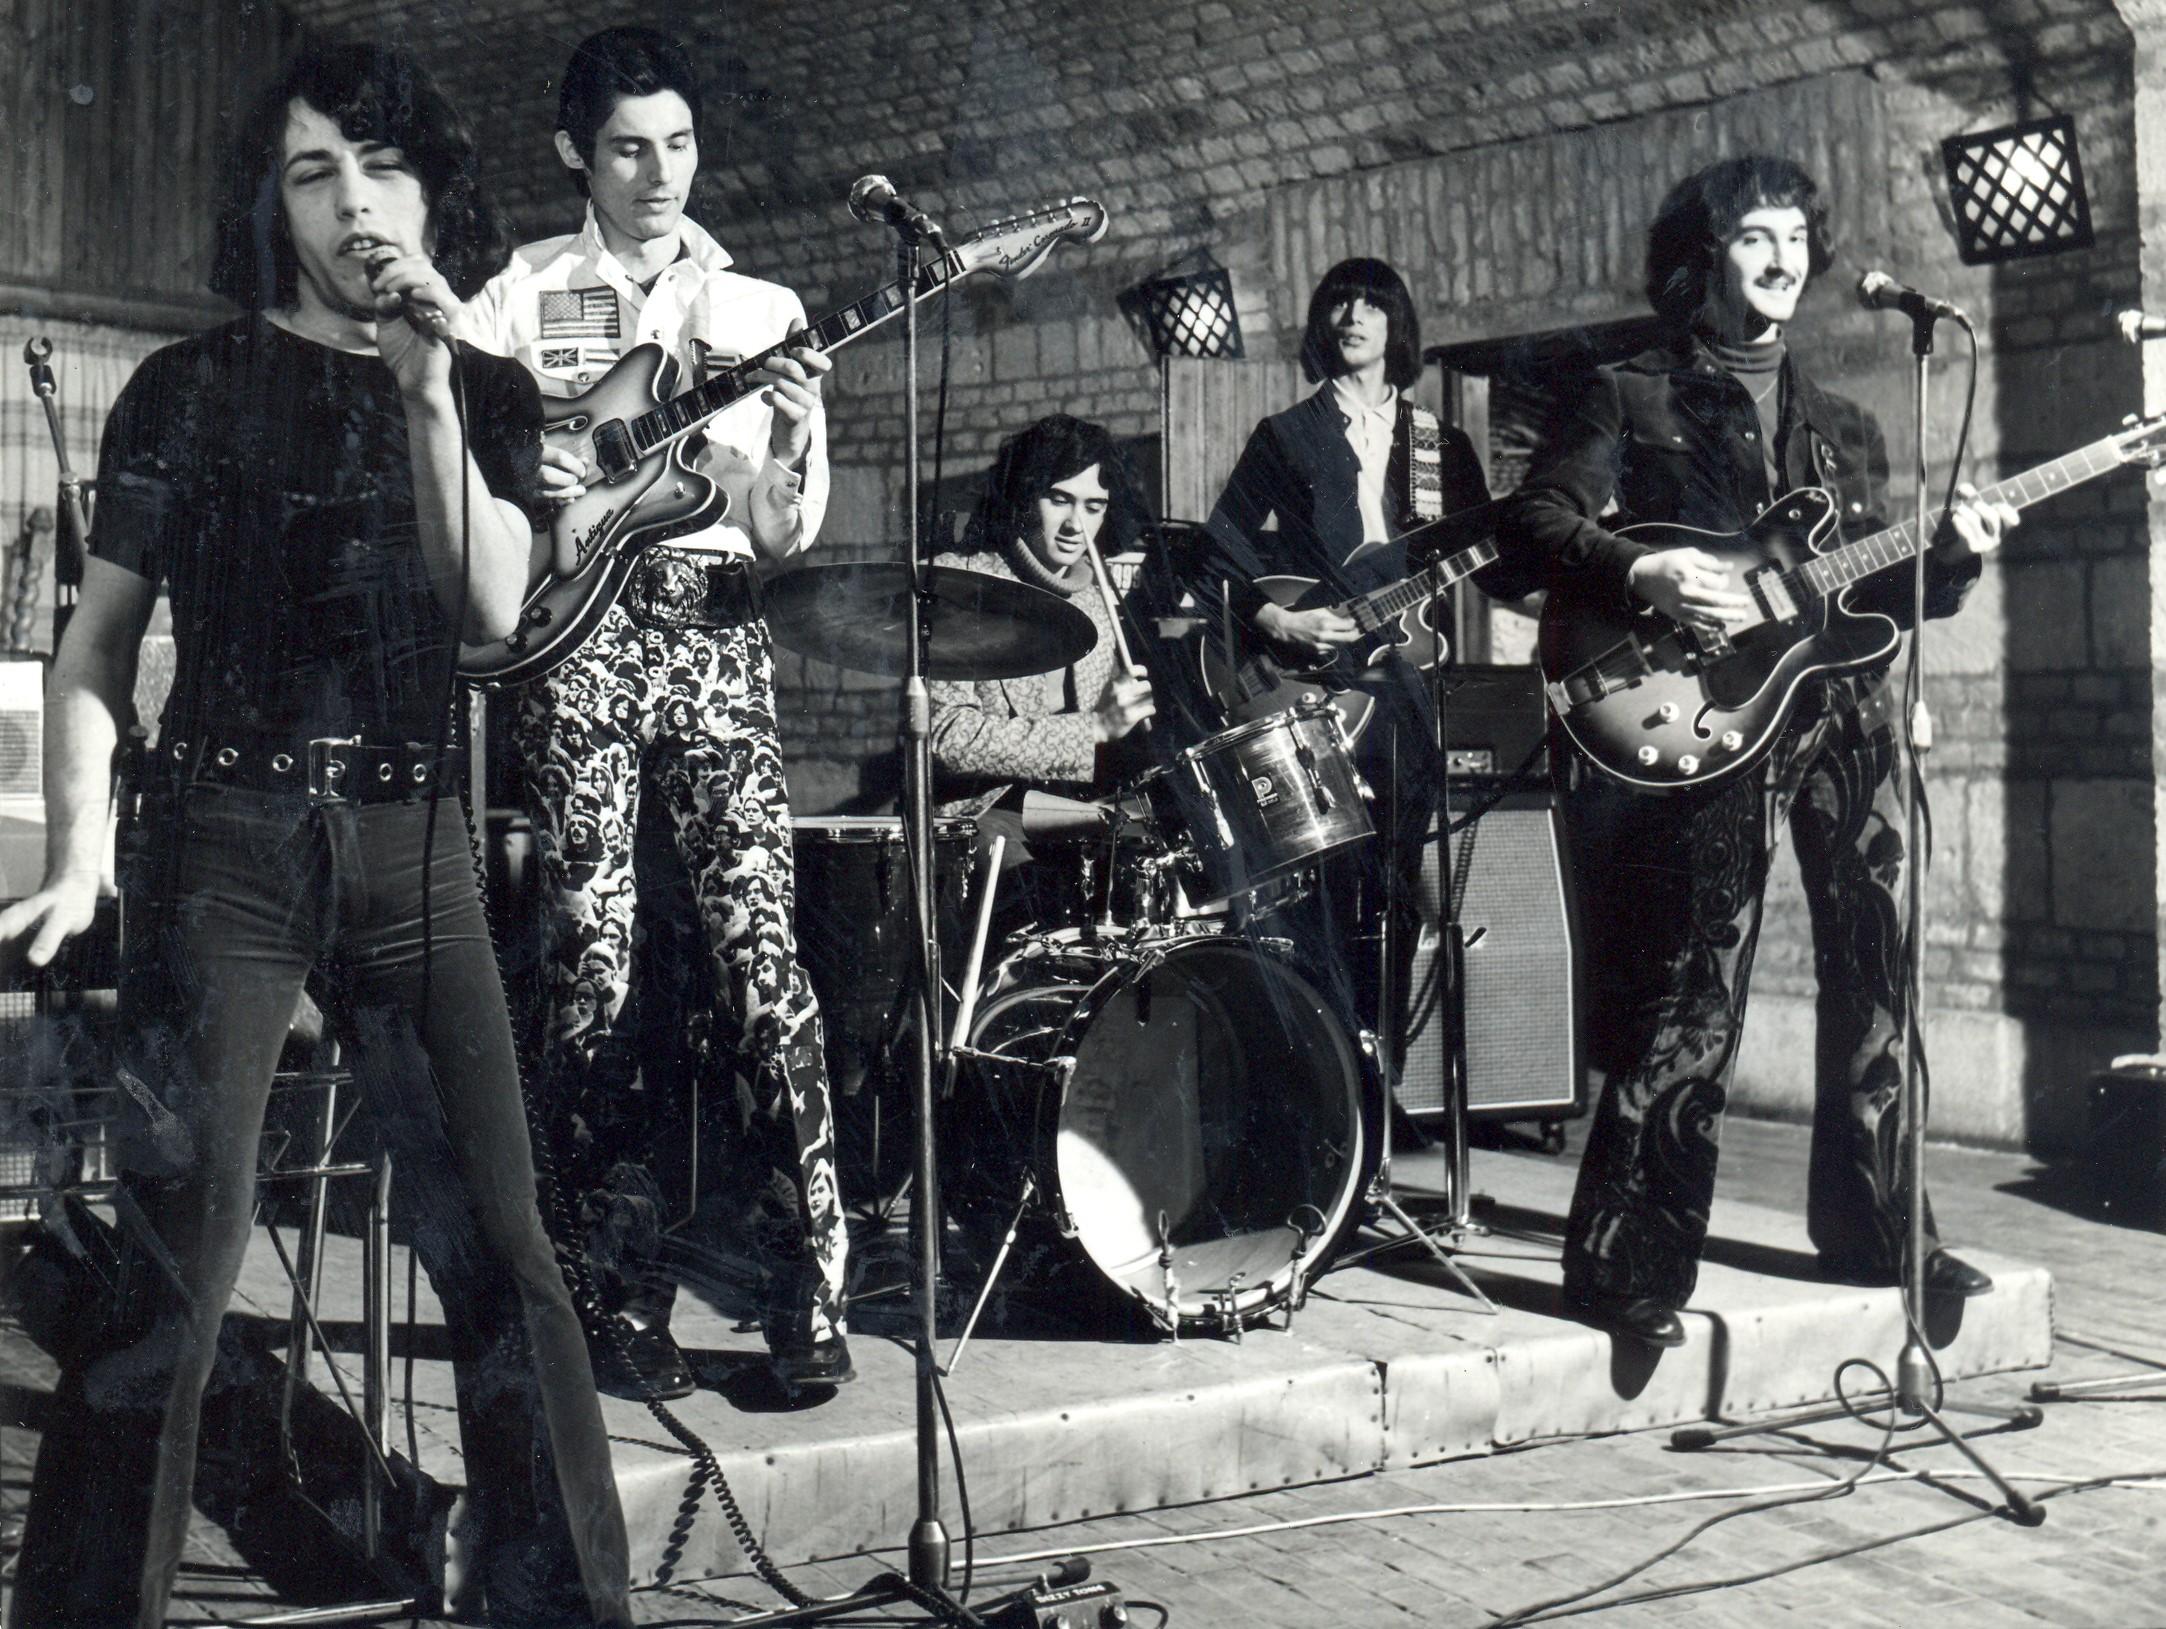 hungaria1971langklub2.jpg